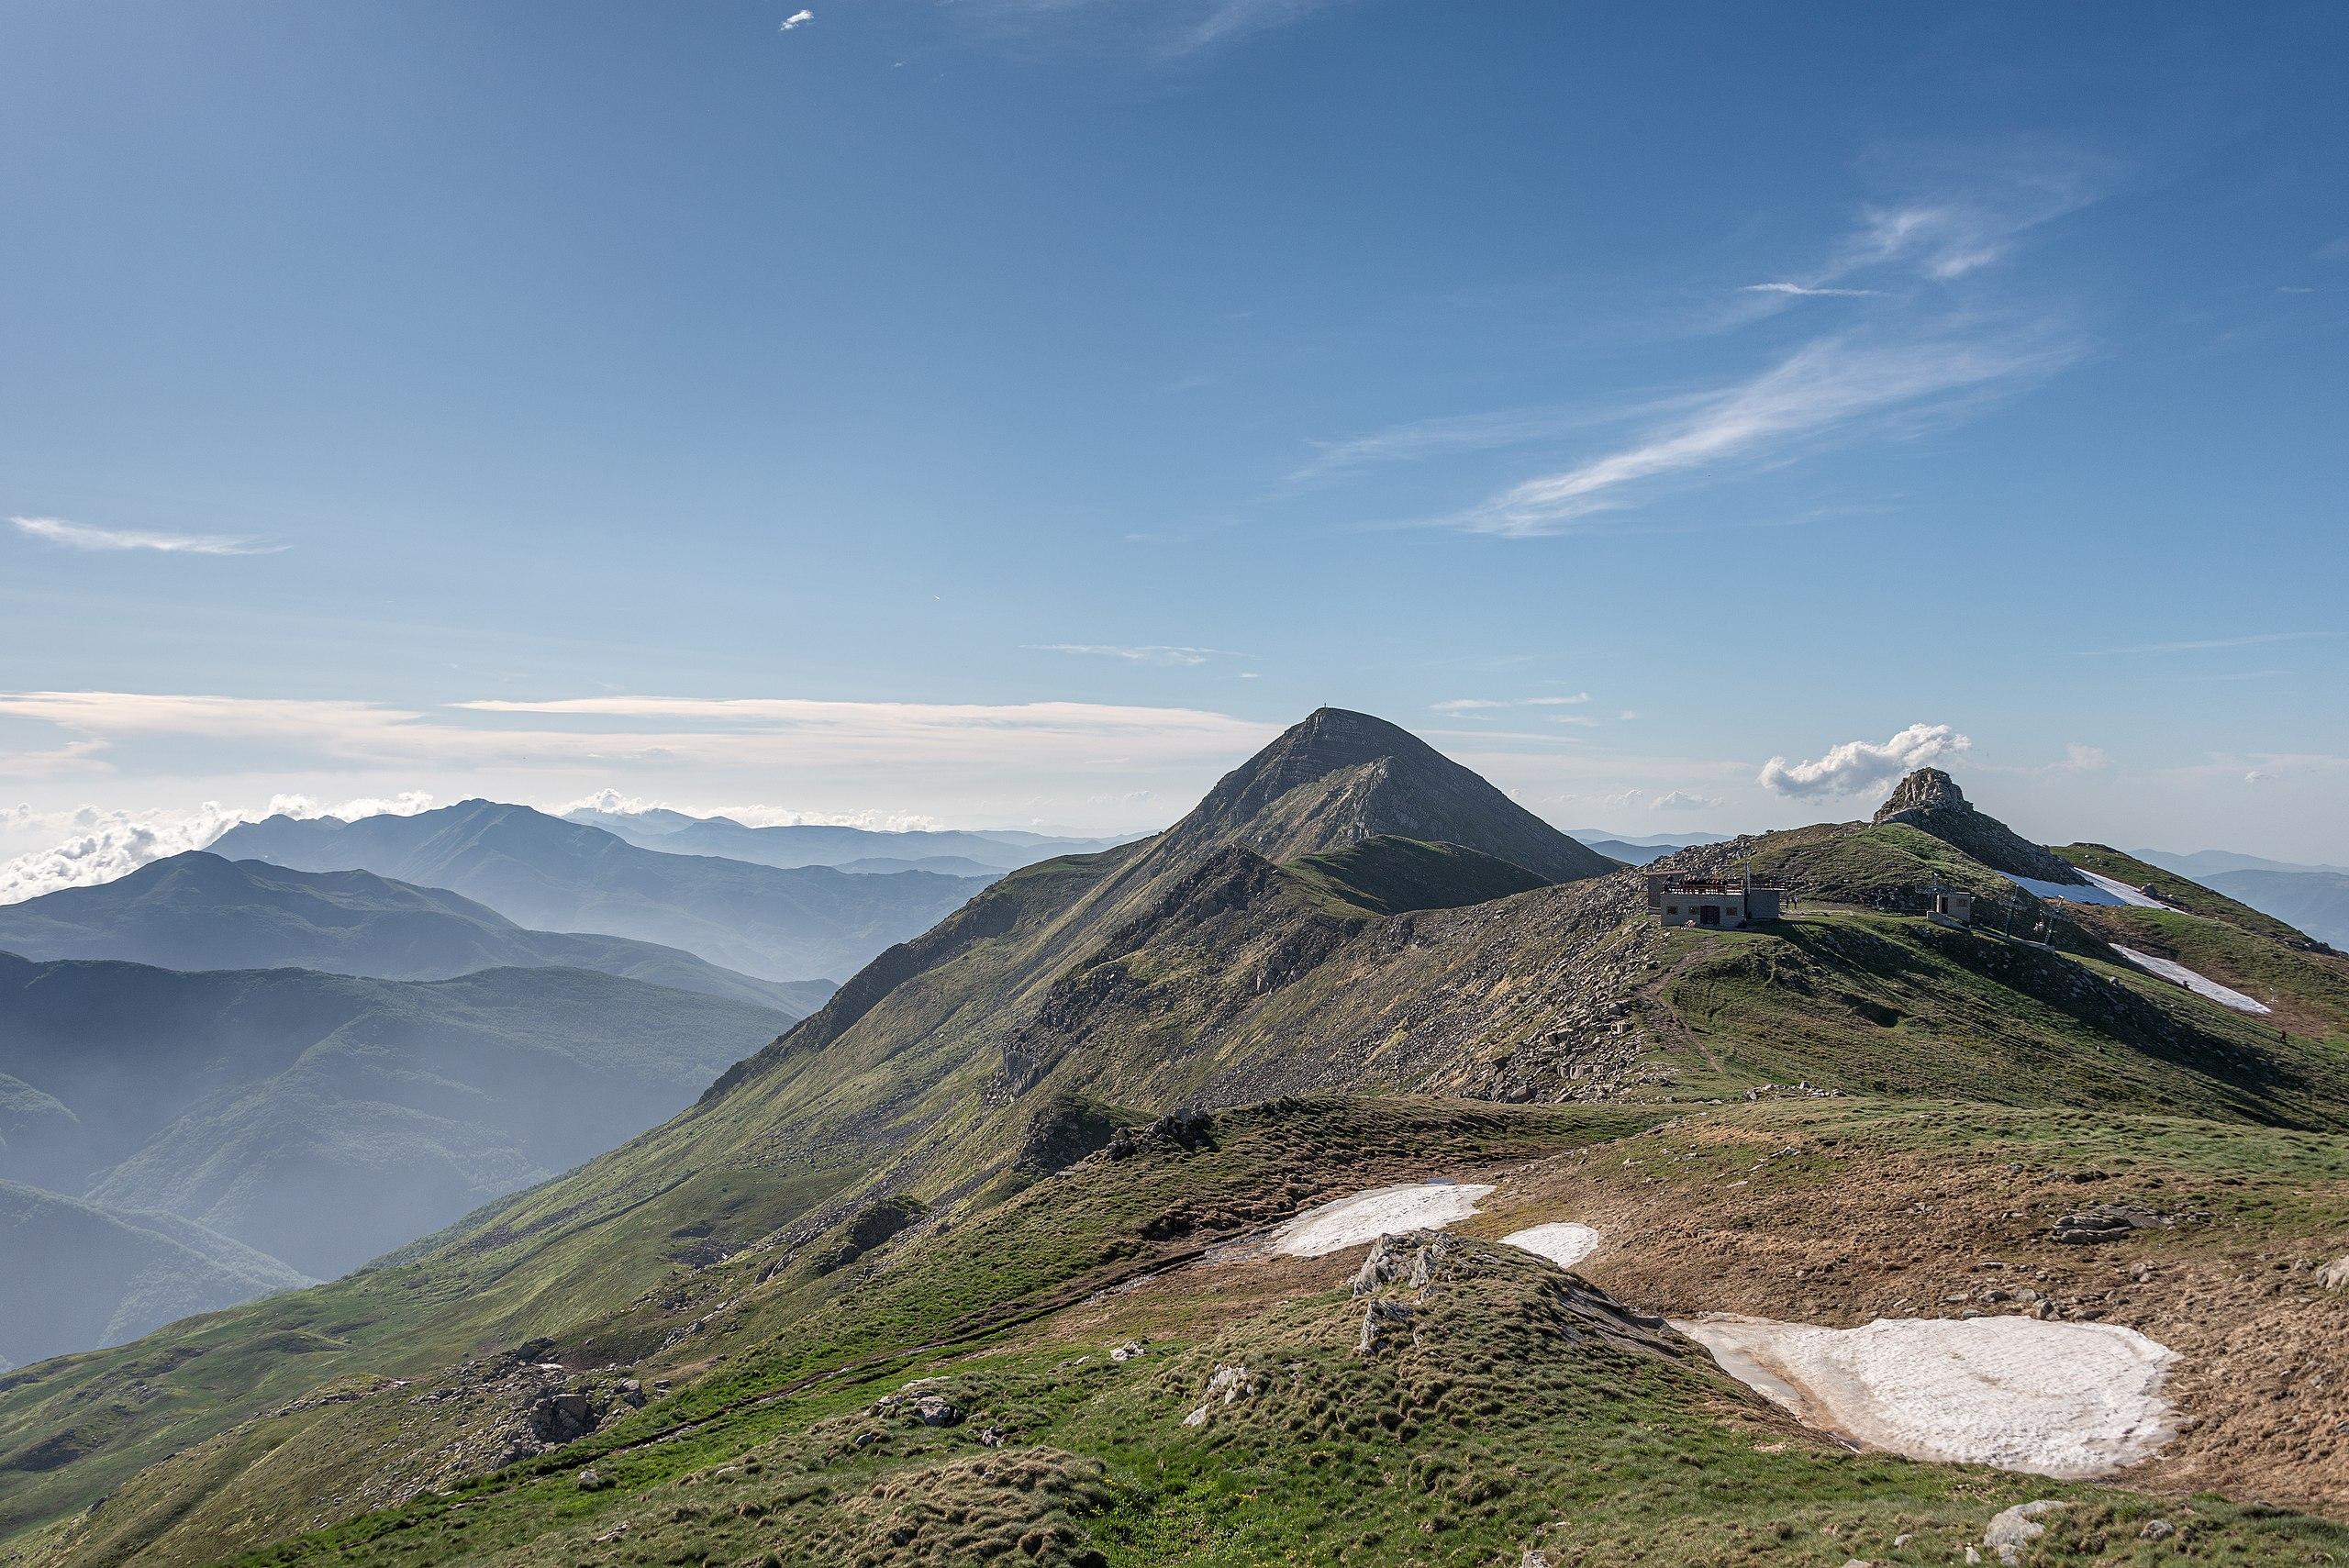 Le Montagne più alte dell'Emilia Romagna e come arrivarci